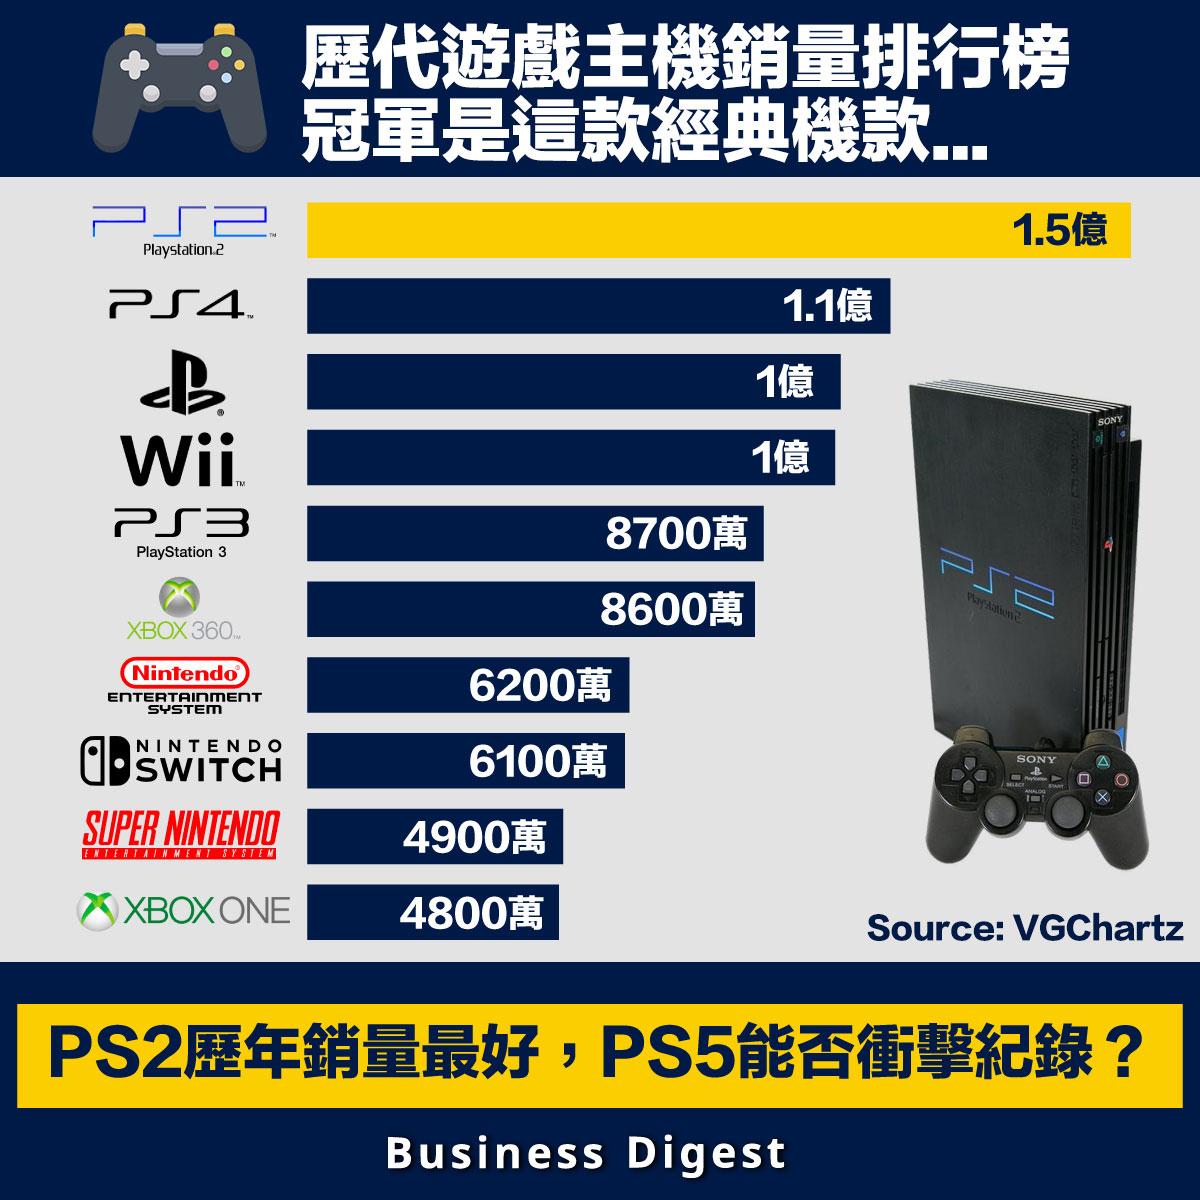 【從數據認識經濟】歷代遊戲主機銷量排行榜,PS2歷年銷量最好